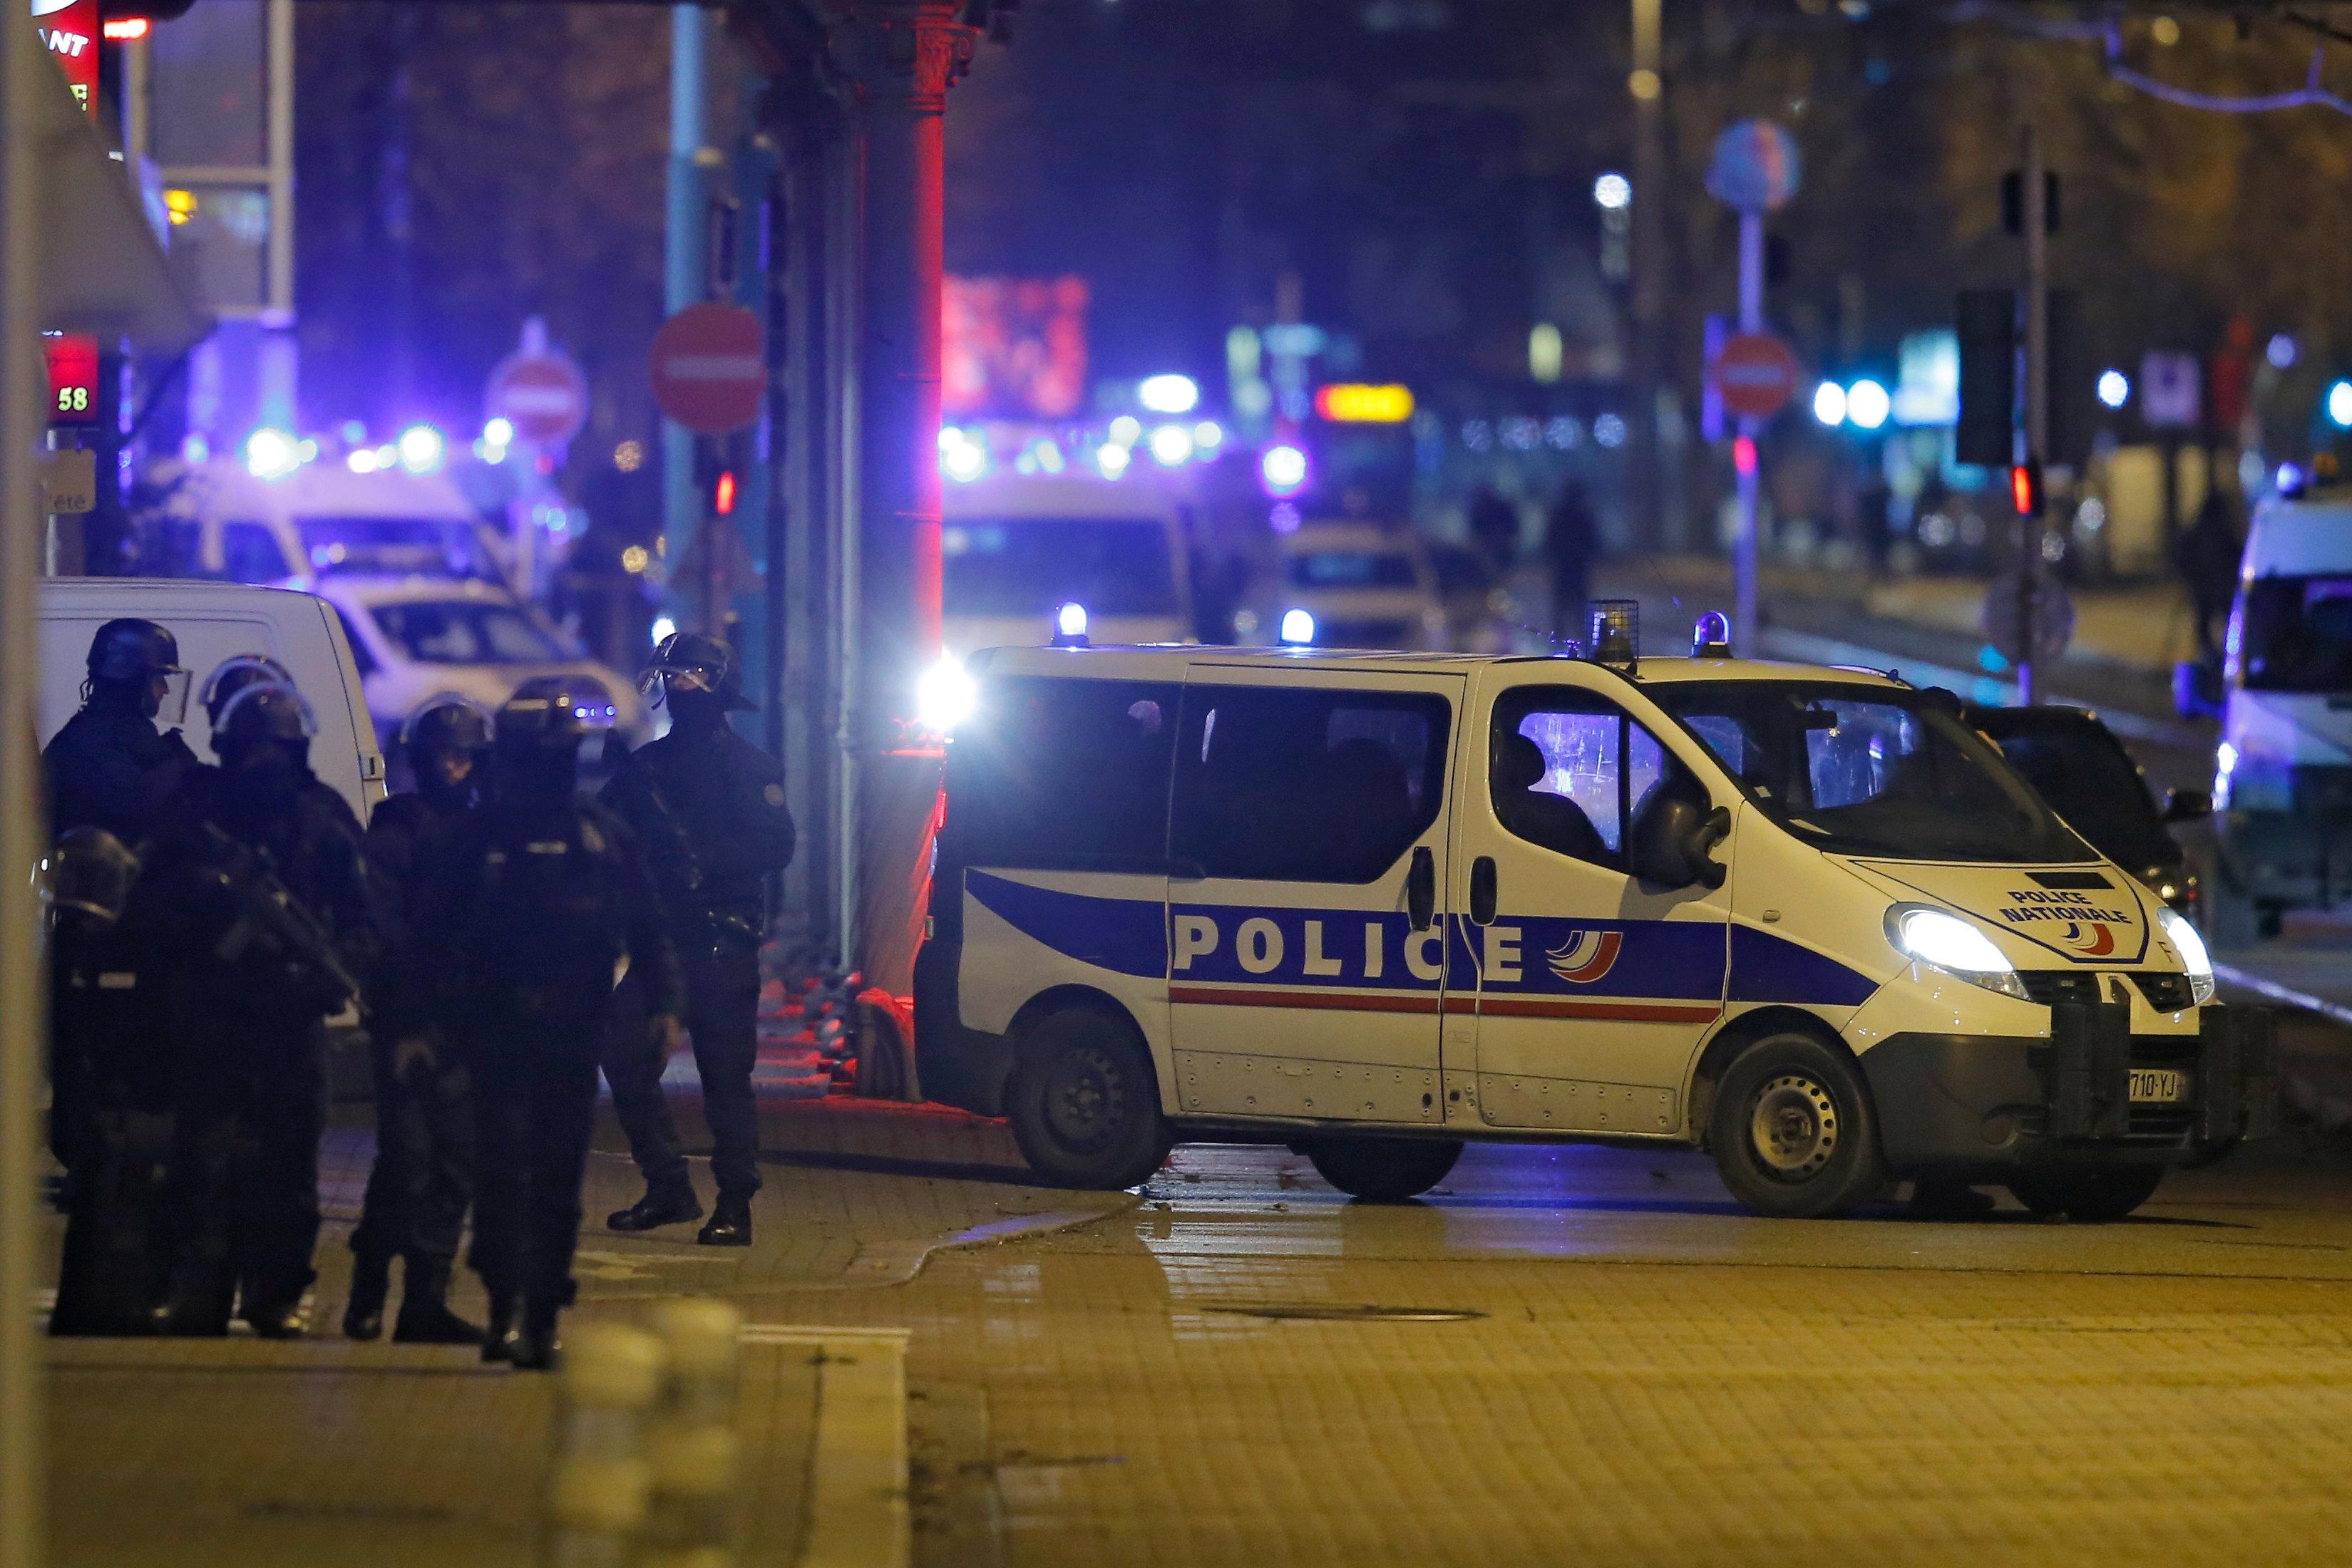 Νεκρός ο δράστης της τρομοκρατικής επίθεσης στο